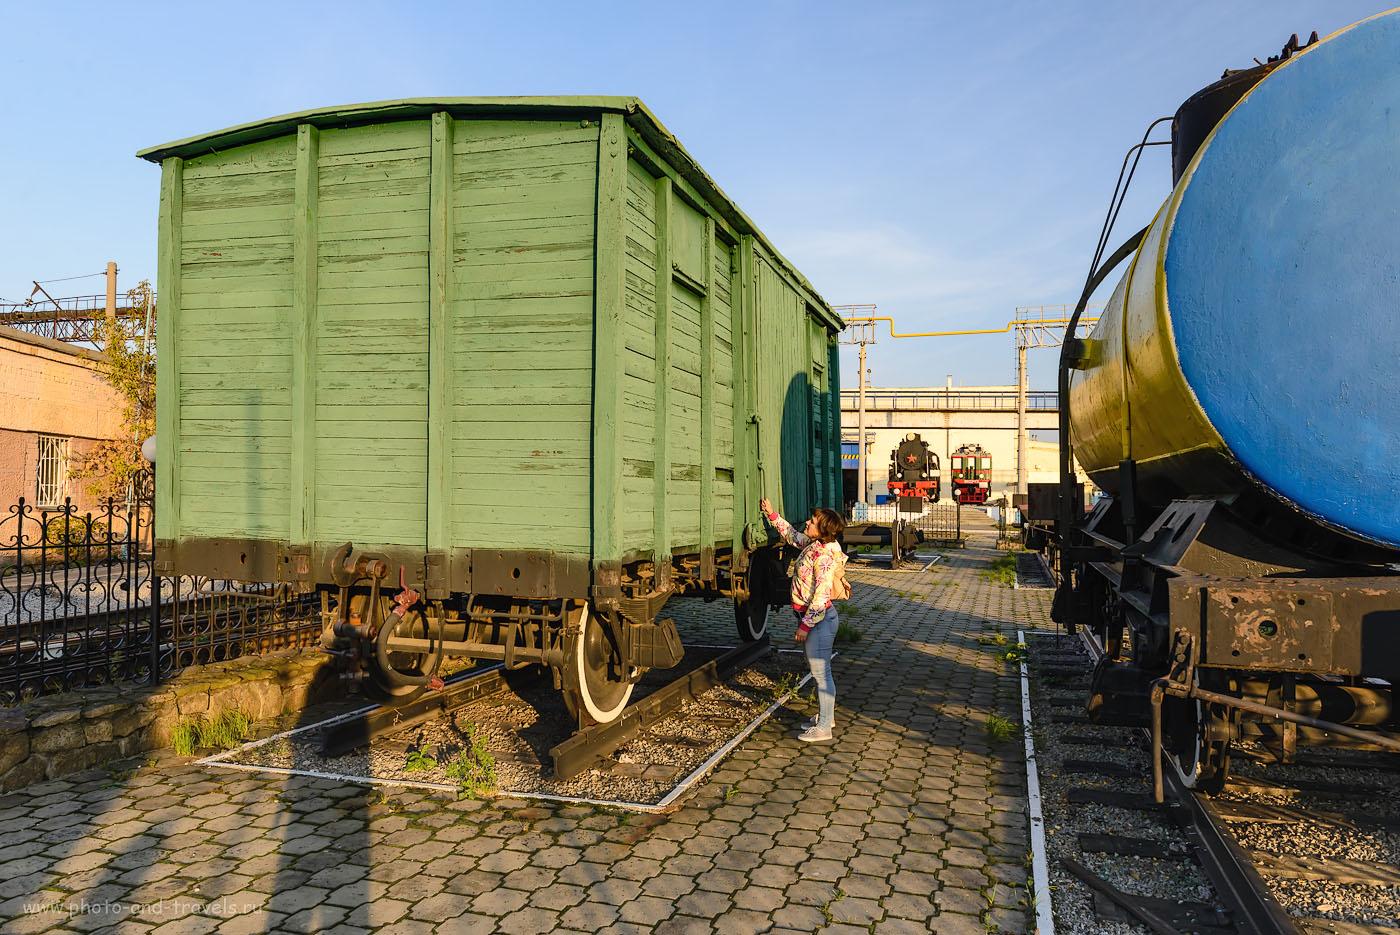 Фотография 9. Грузовые вагоны в железнодорожном музее. 1/160, -2.0, 8.0, 160, 24.